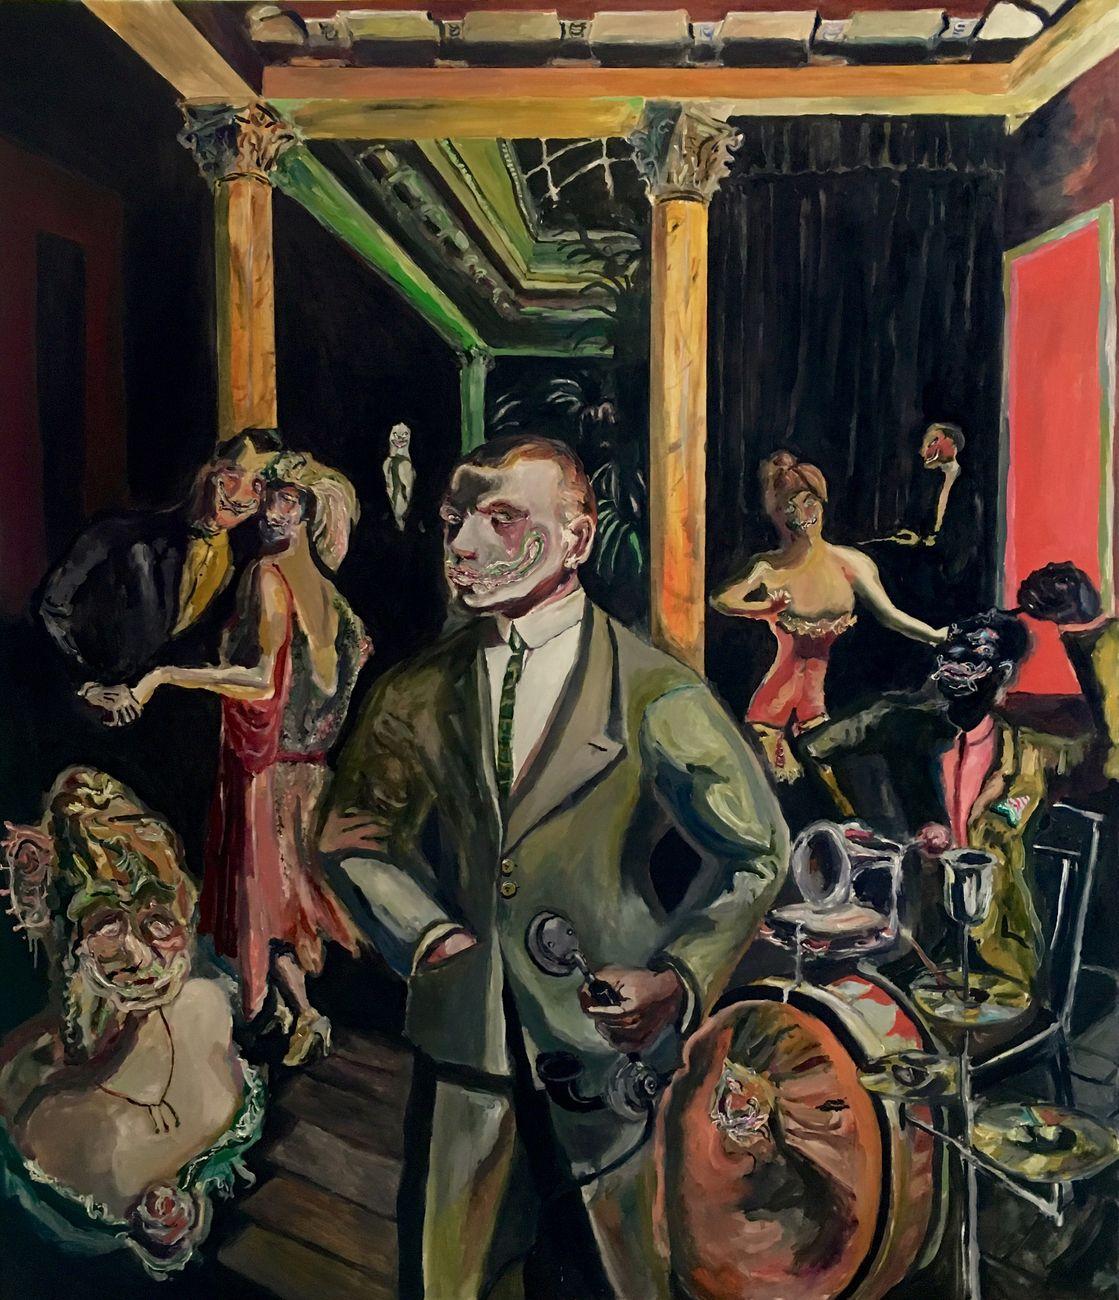 Adriano Annino, Termoclino Otto Dix. Alla bellezza, 2017